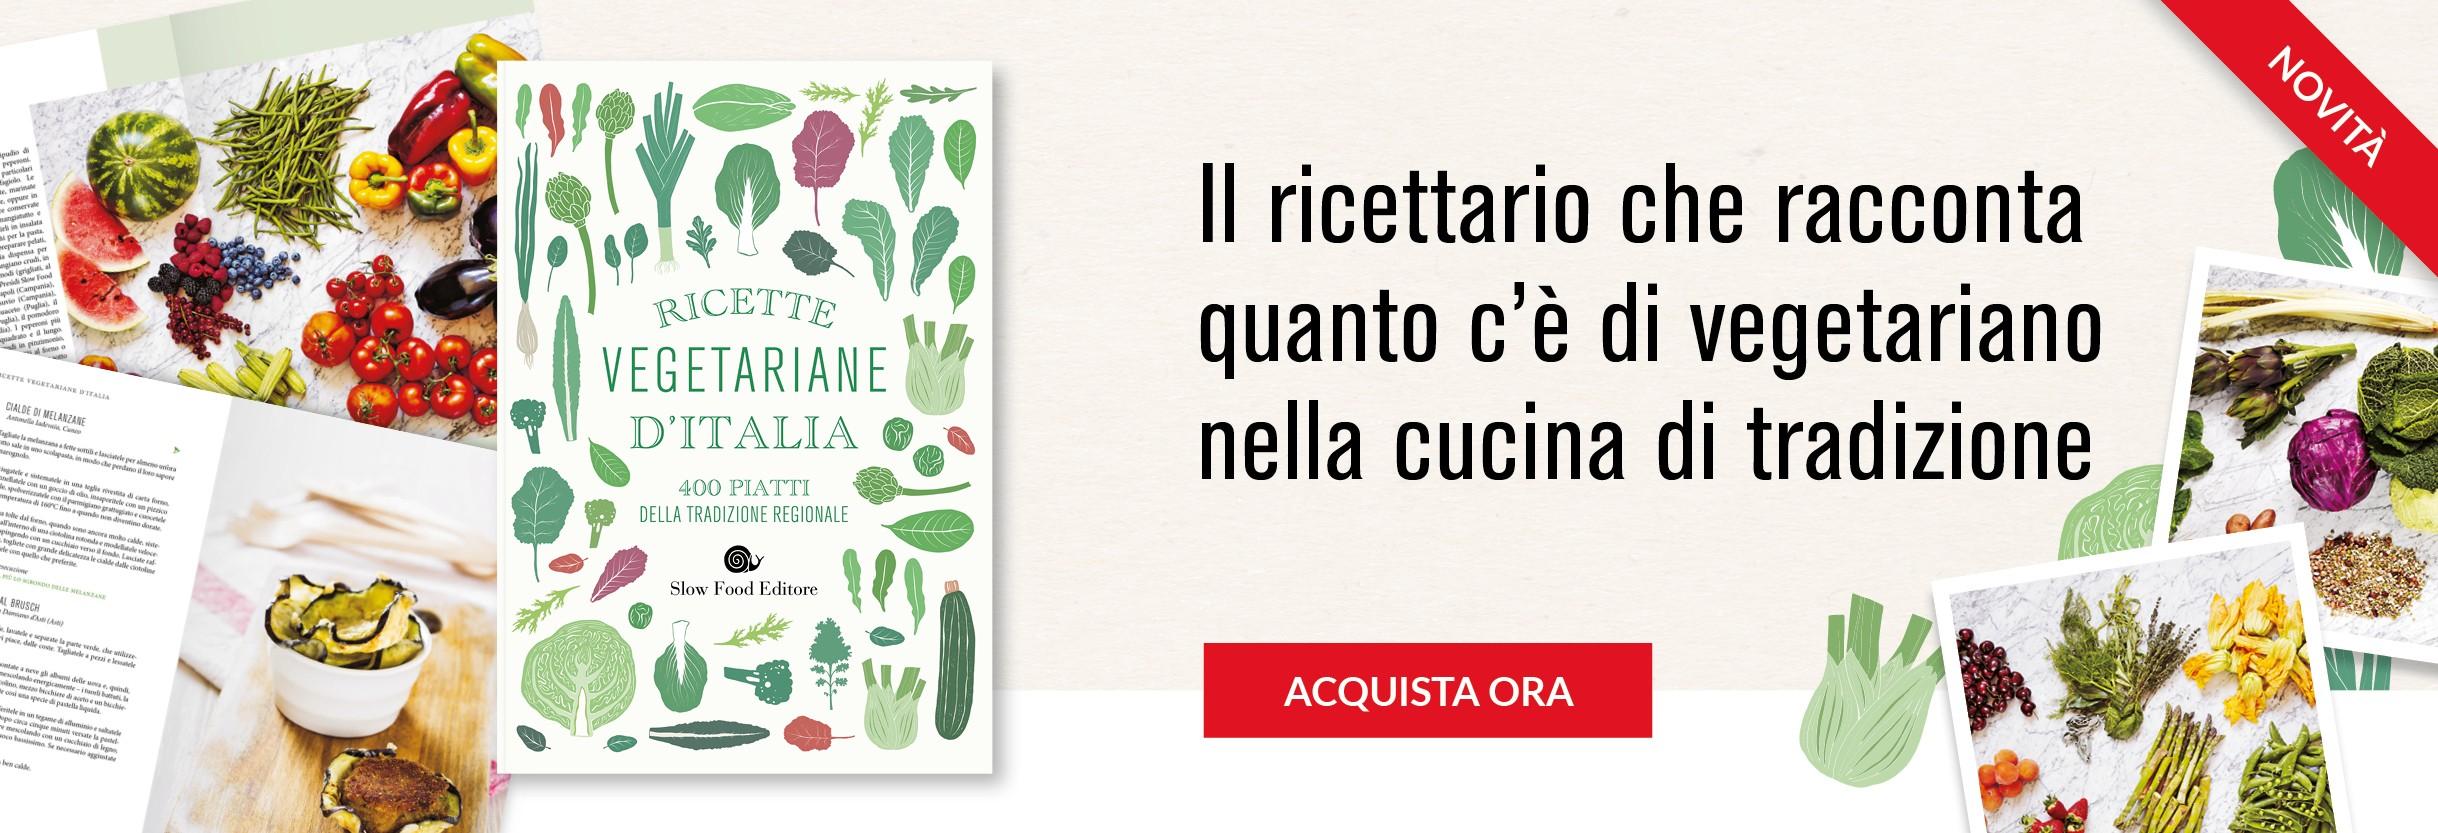 Ricette vegetariane d'Italia - ed. ec.